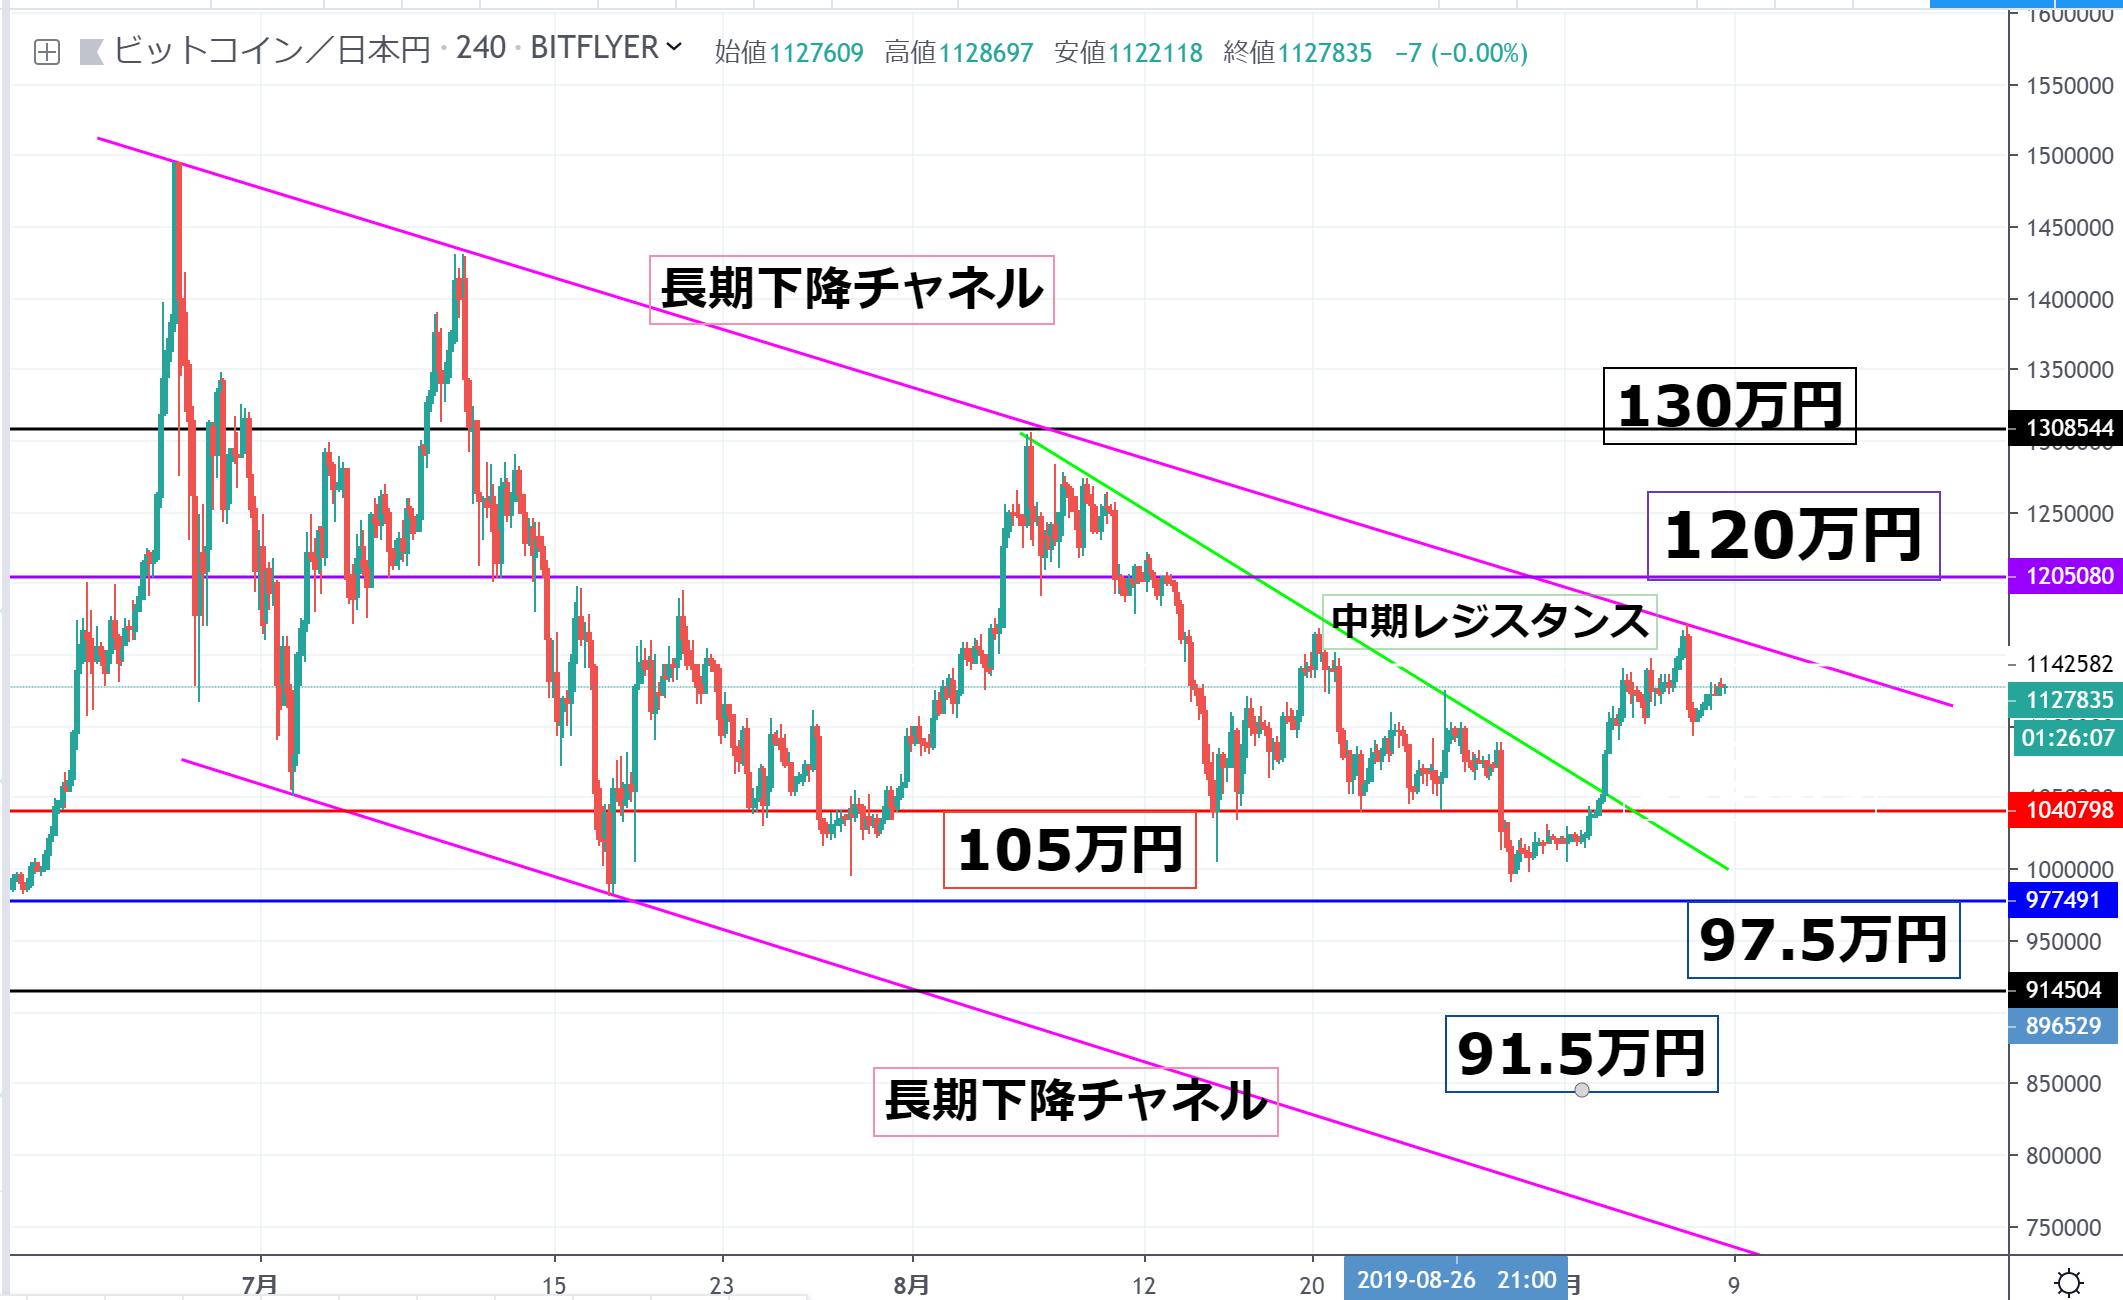 ビットコイン相場分析 : 万円に強いレジスタンス、2日連続の陰線を記録 | ビットバンク マーケット情報